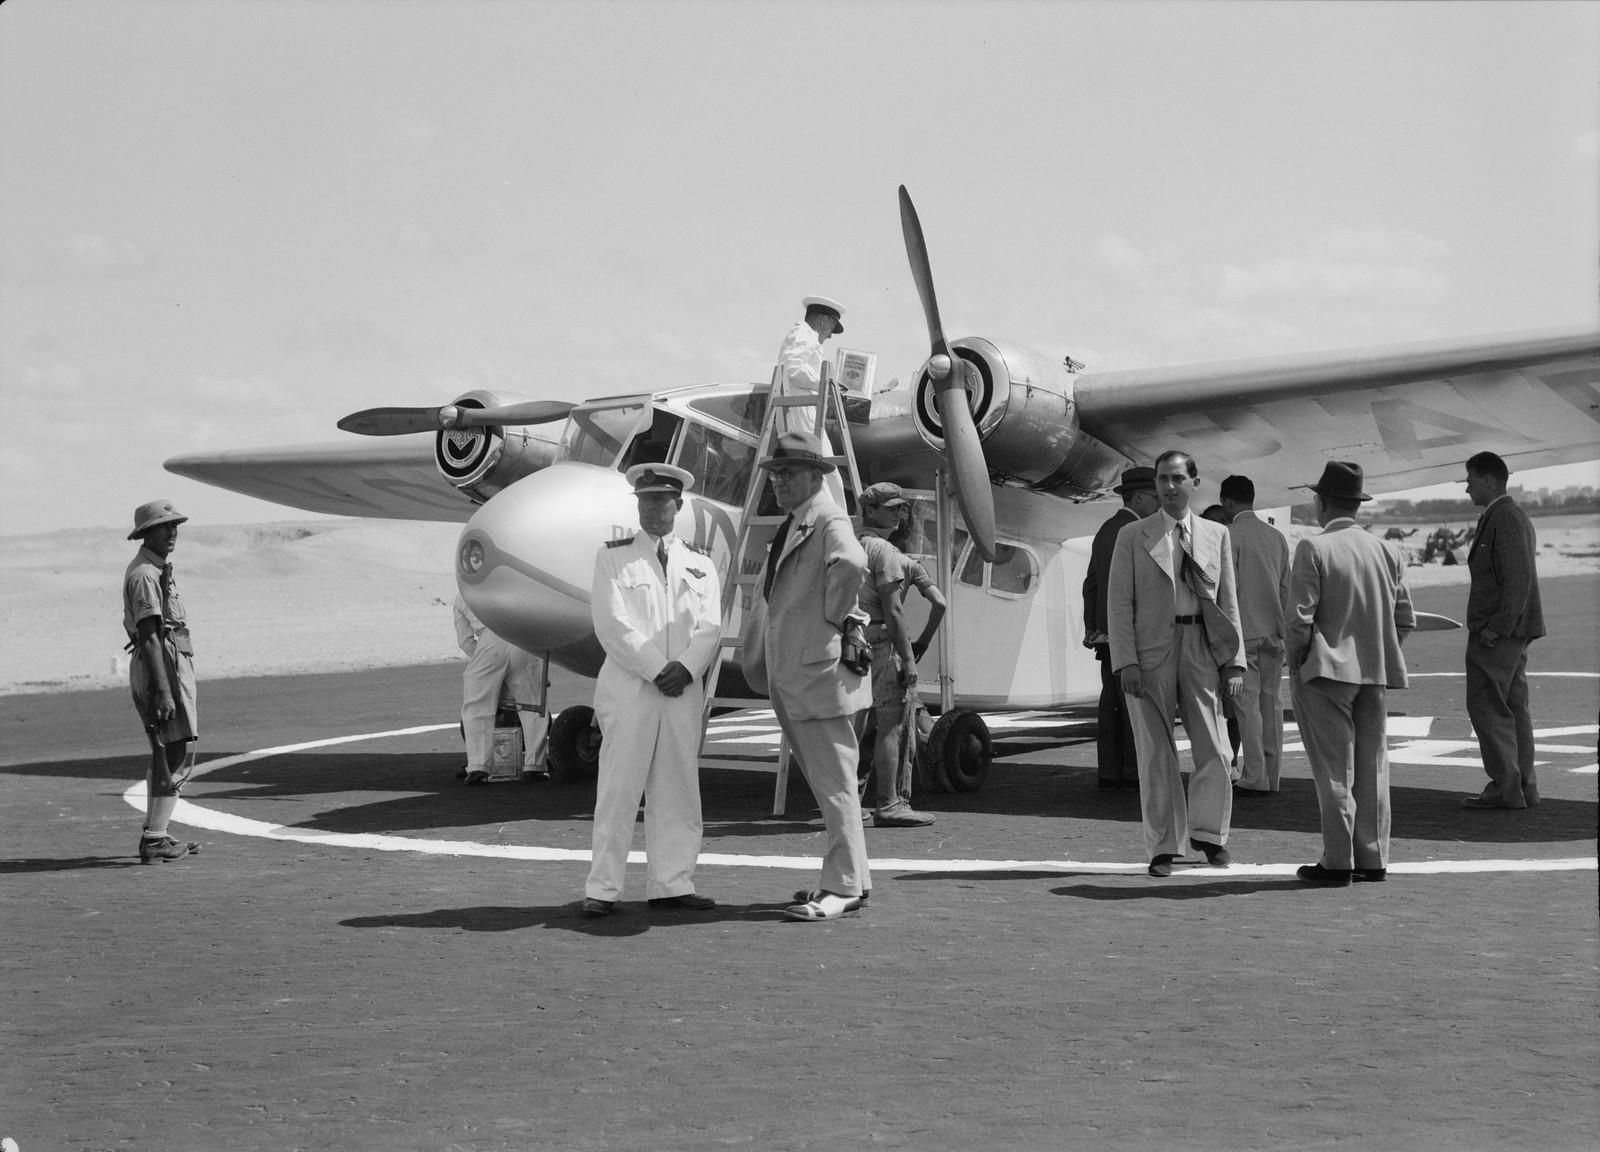 06. Самолет с группой пассажиров на переднем плане